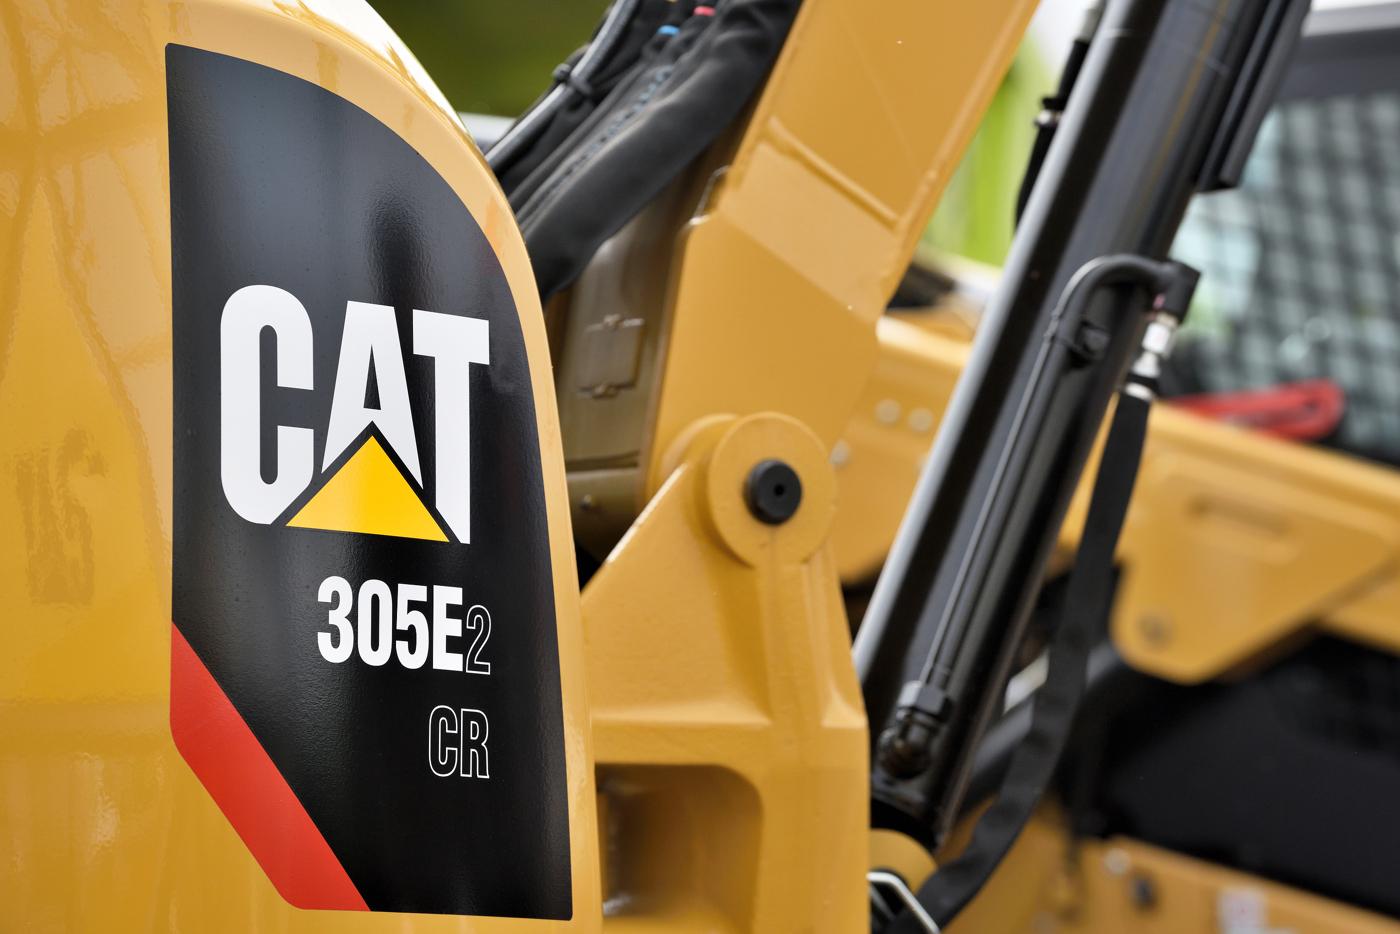 Caterpillar stock, CAT stock, CAT stock news